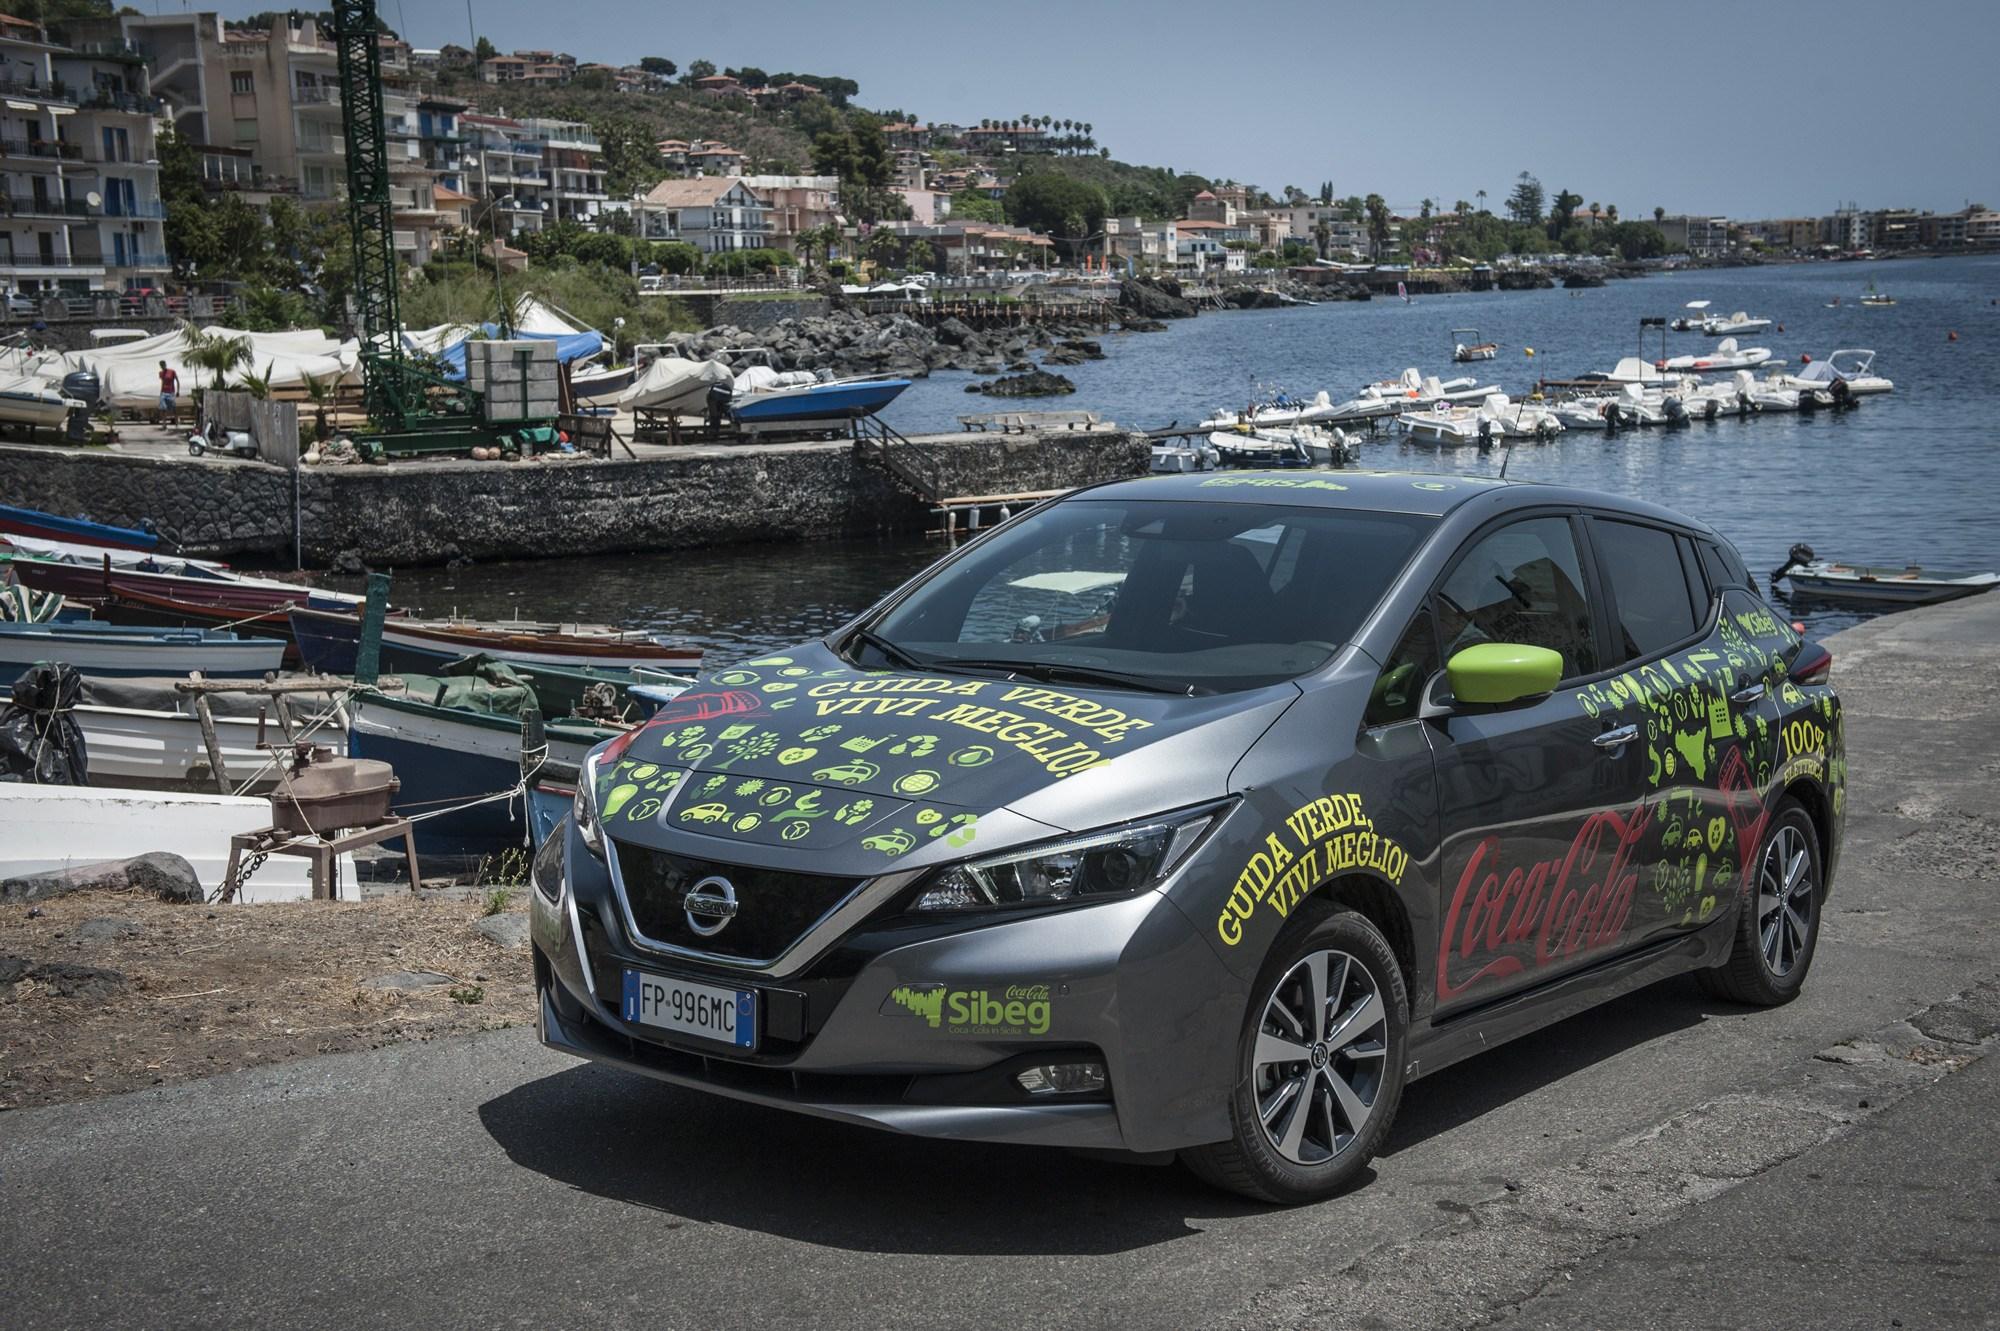 Η Nissan και η Sibeg συνεργάζονται για το ηλεκτρικό οικοσύστημα στην Ιταλία